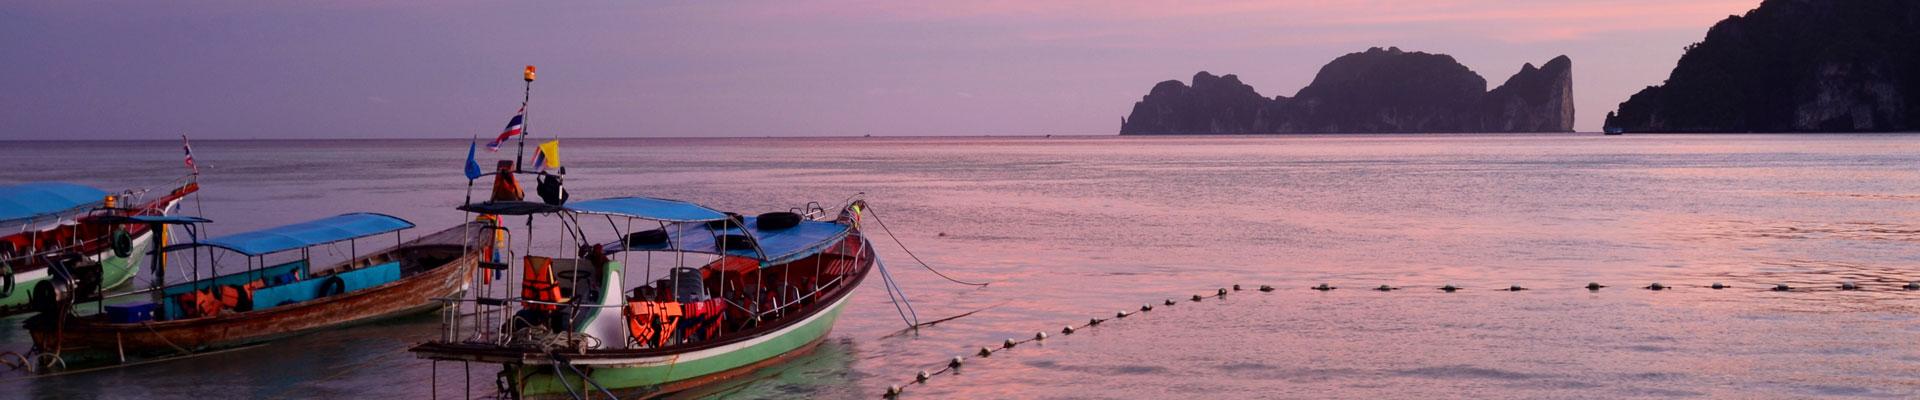 Boat scene in Thailand